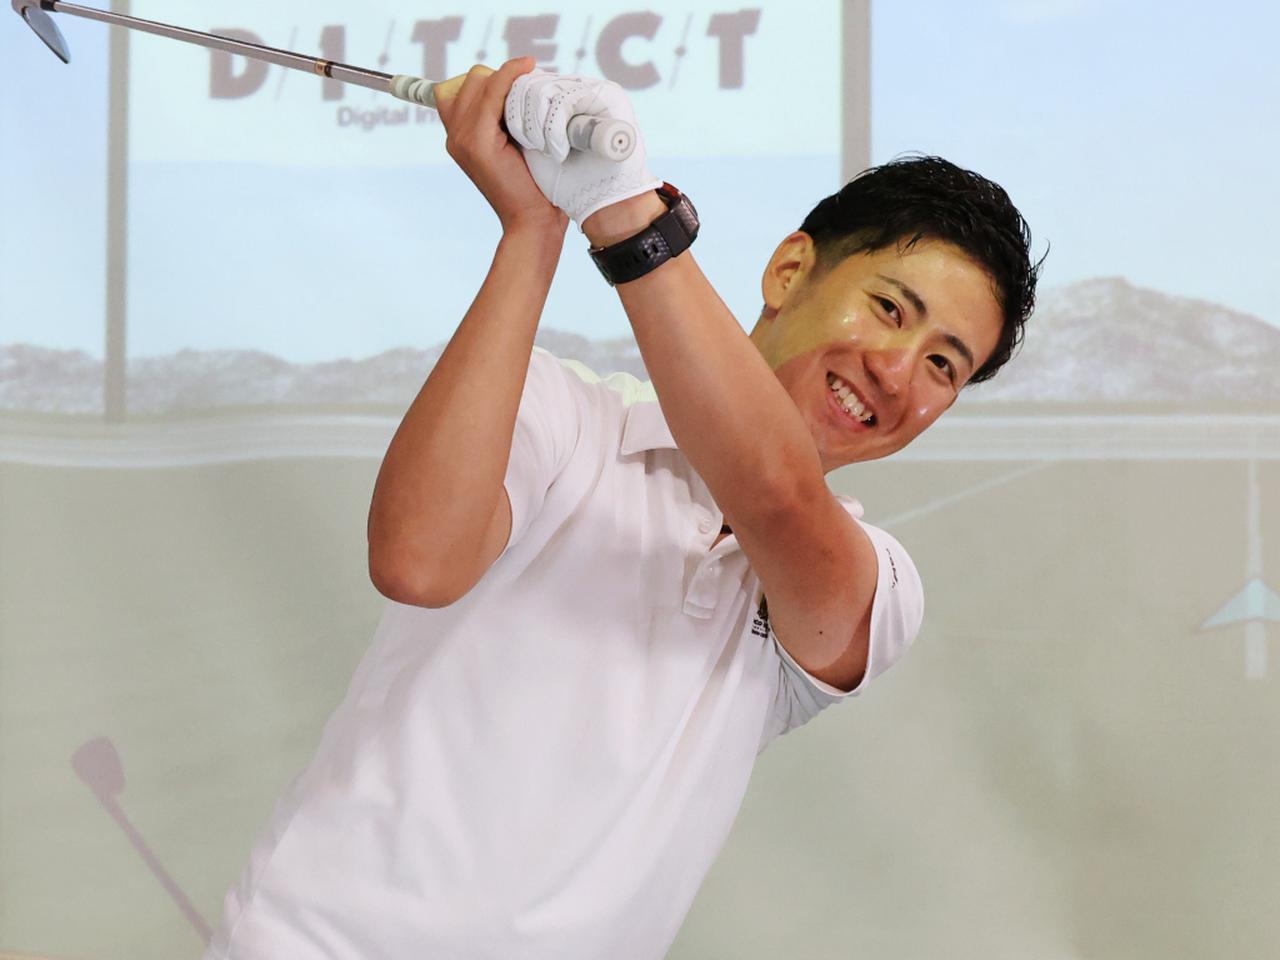 画像: バックスウィングで右ひじを曲げるタイミングはいつ? 福田慈英コーチに教えてもらおう